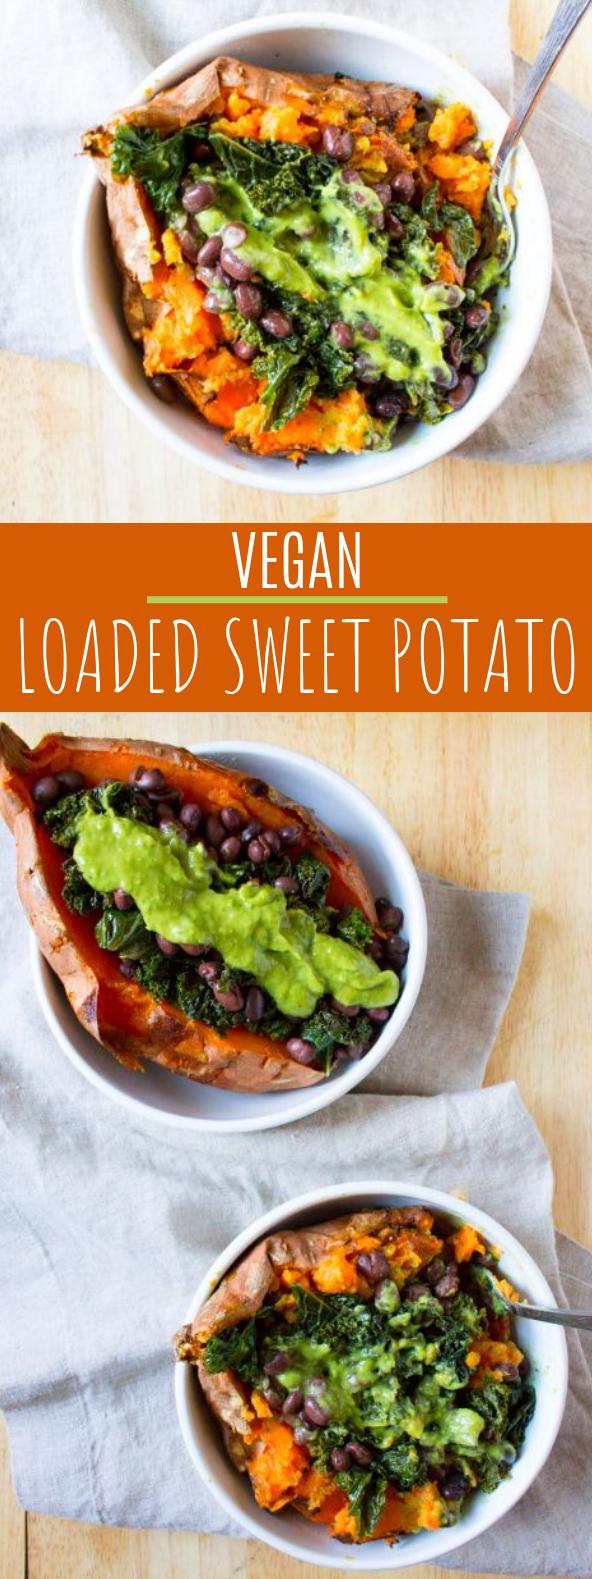 Vegan Loaded Sweet Potato #dinner #meatless